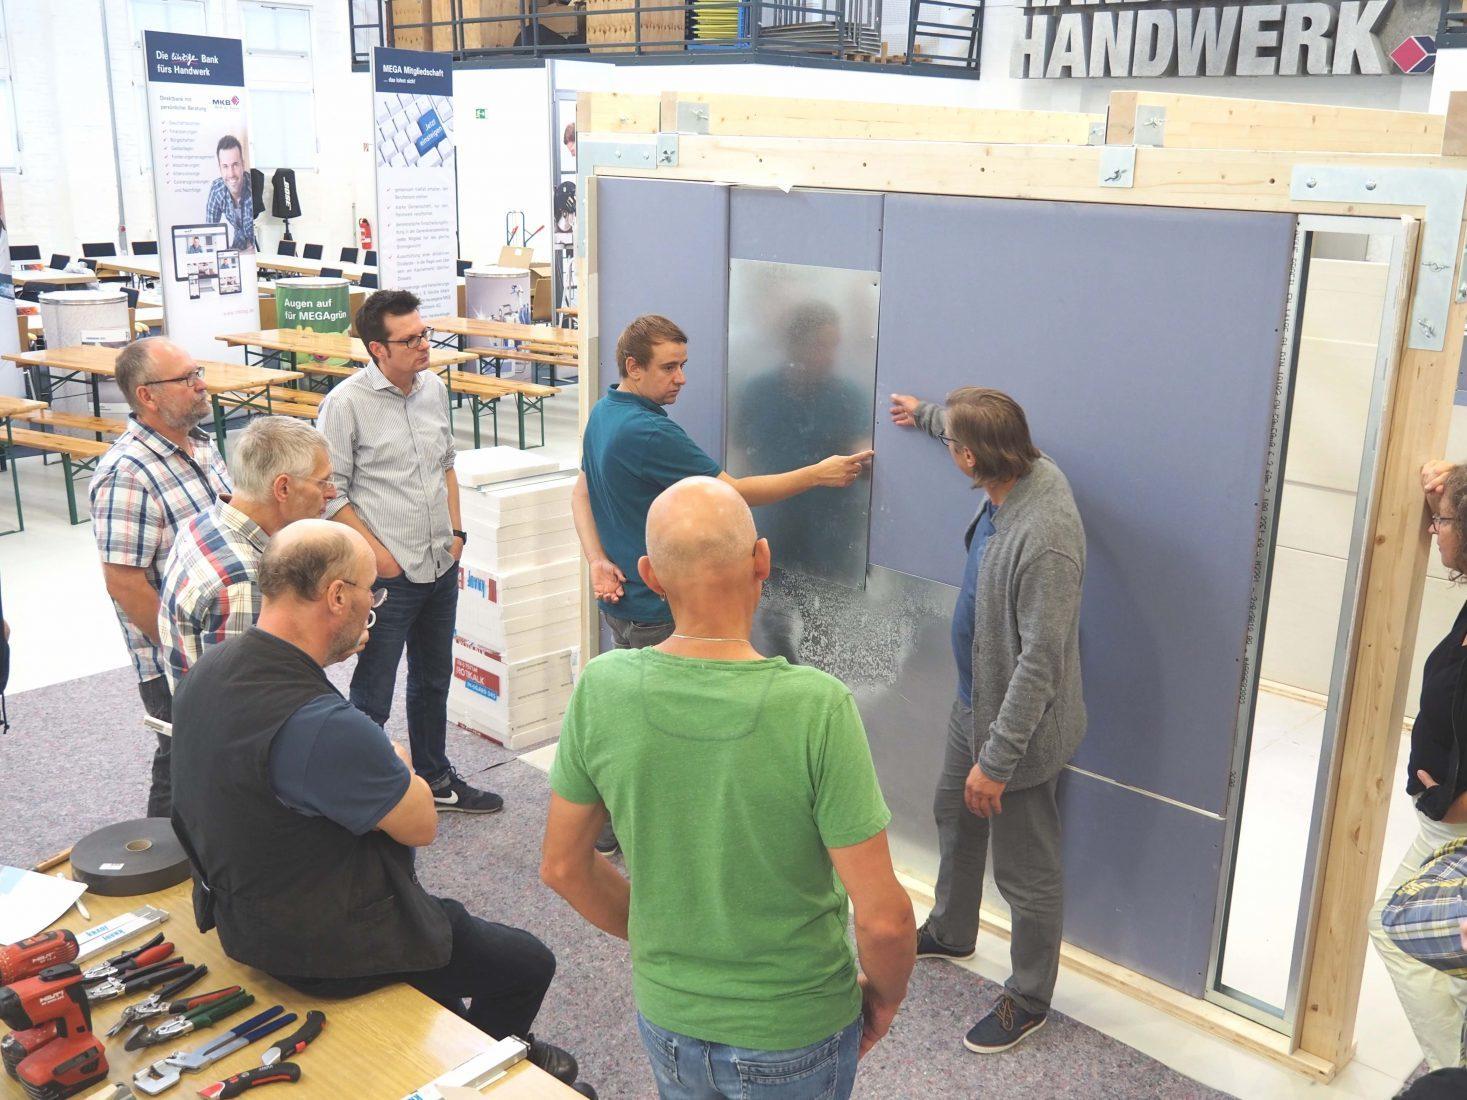 Die Kleingruppen präsentieren ihre erfolgreich konstruierten Wände den anderen Teilnehmern. Foto: Knauf